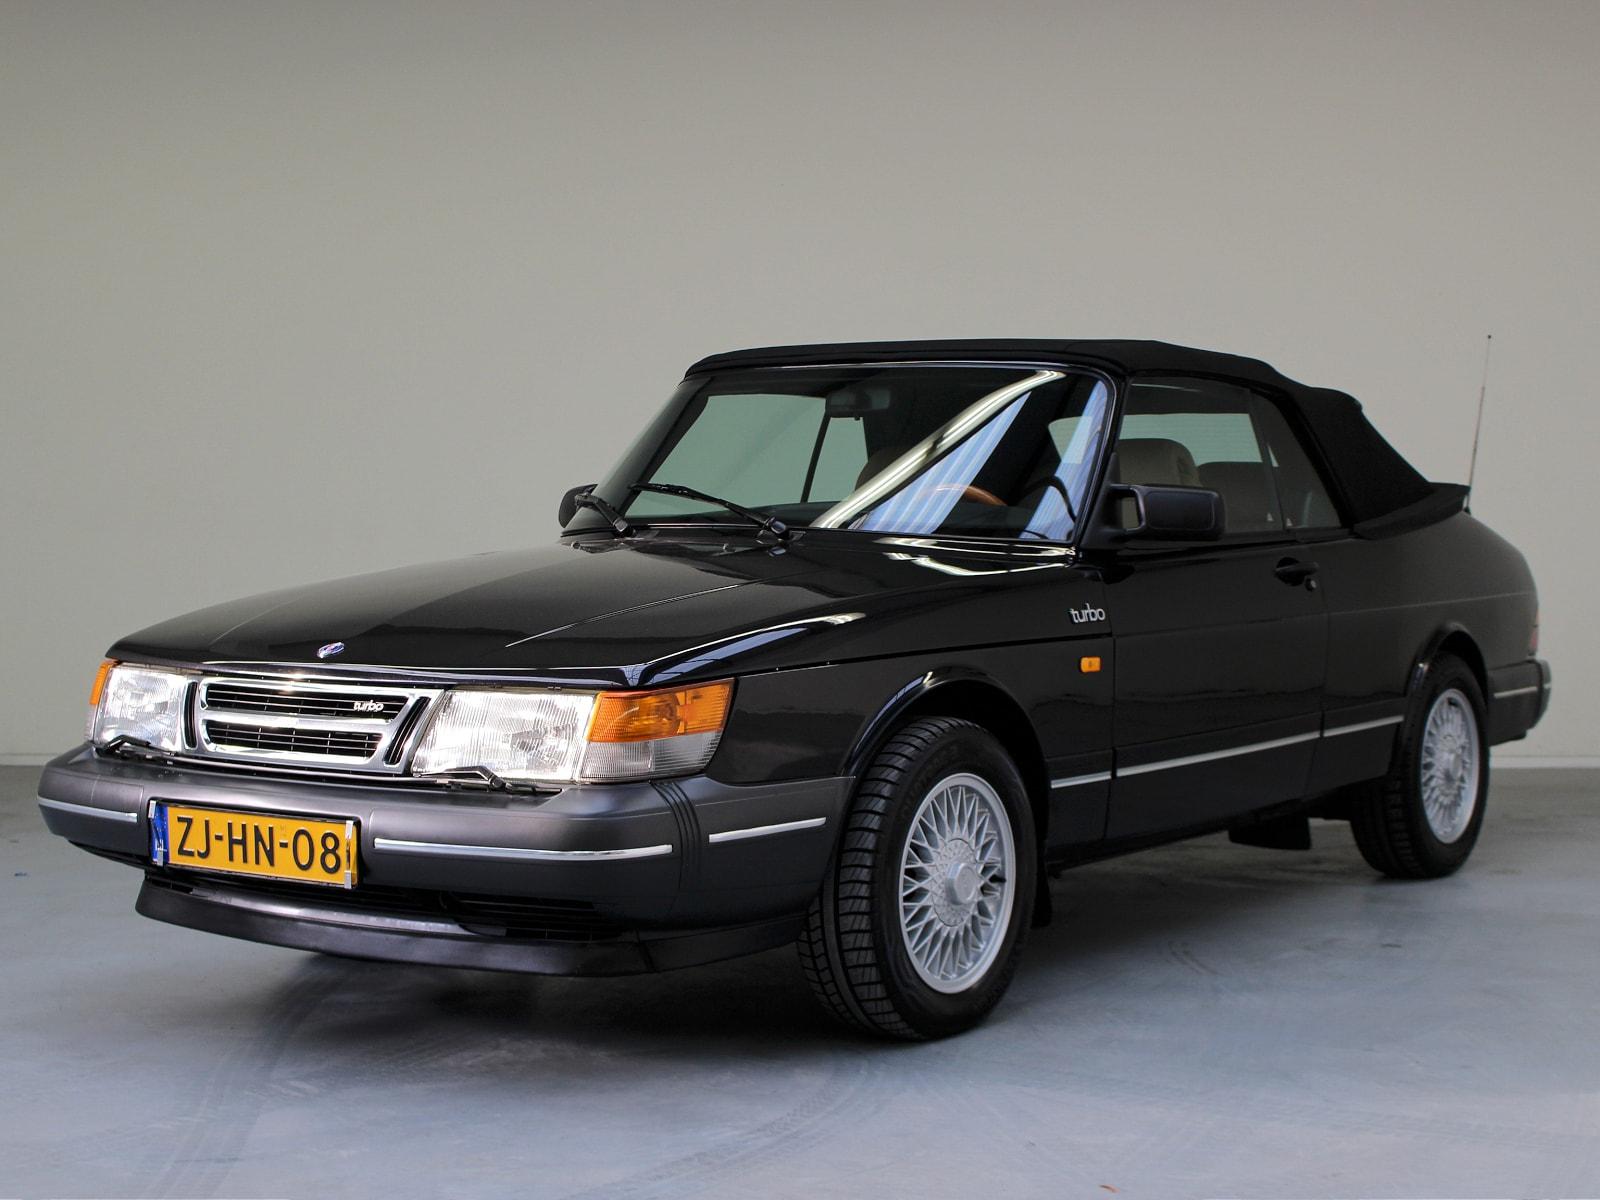 restauratie saab 900 classic cabriolet autobedrijf wassenaar leeuwarden. Black Bedroom Furniture Sets. Home Design Ideas